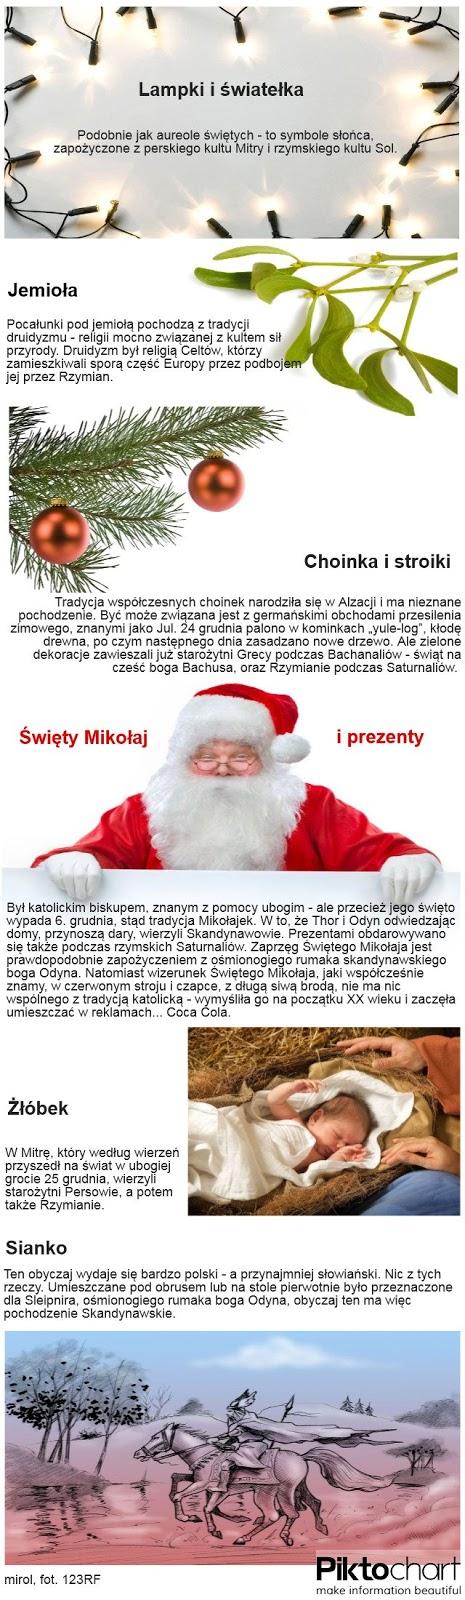 Pogańskie symbole Bożego Narodzenia obrazek ze strony pinger.pl